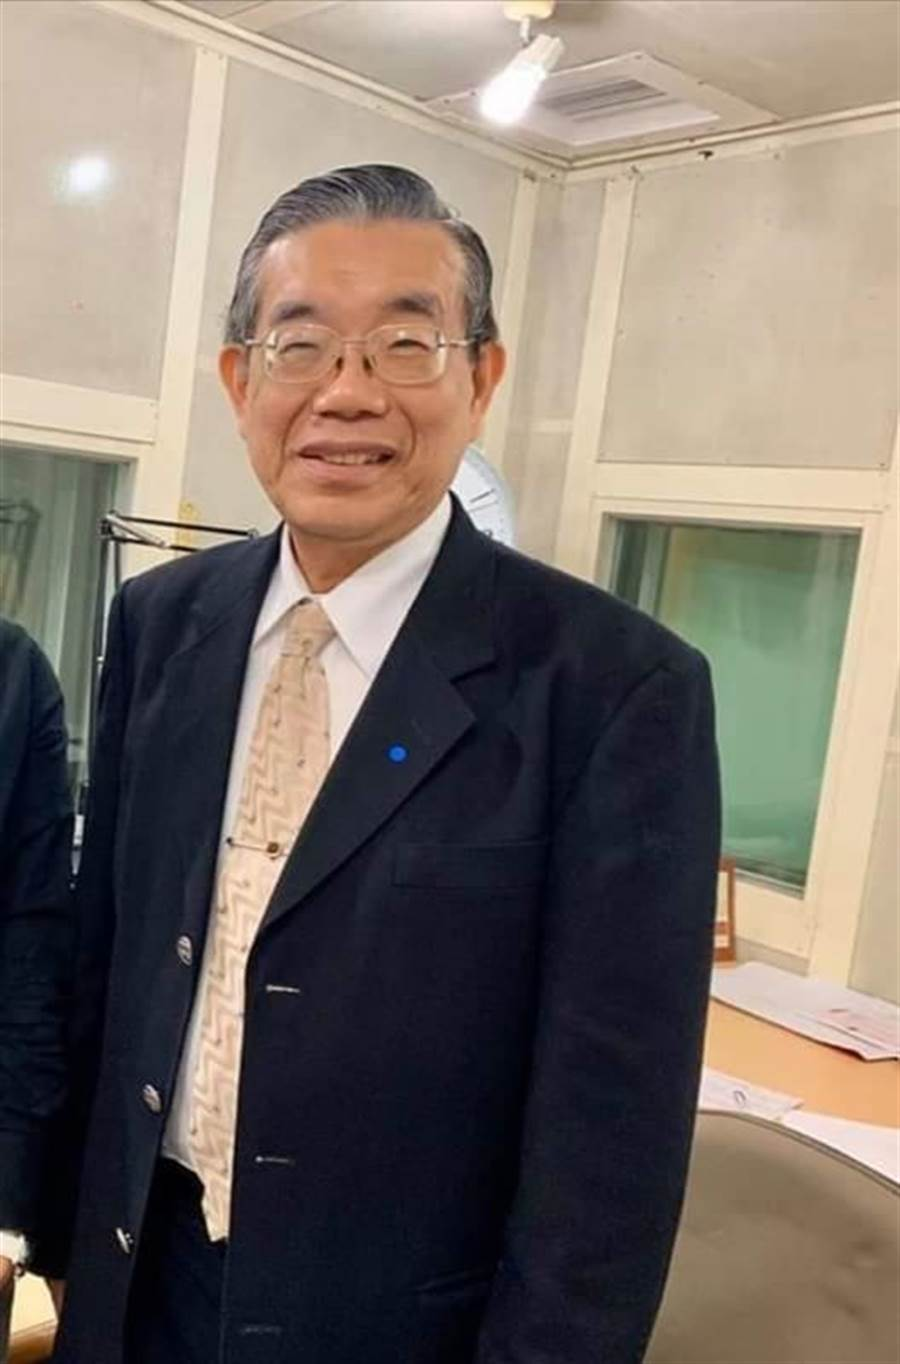 防堵疫情,李龍騰建議跟中國停止往來3個月。(圖/取自李龍騰臉書)